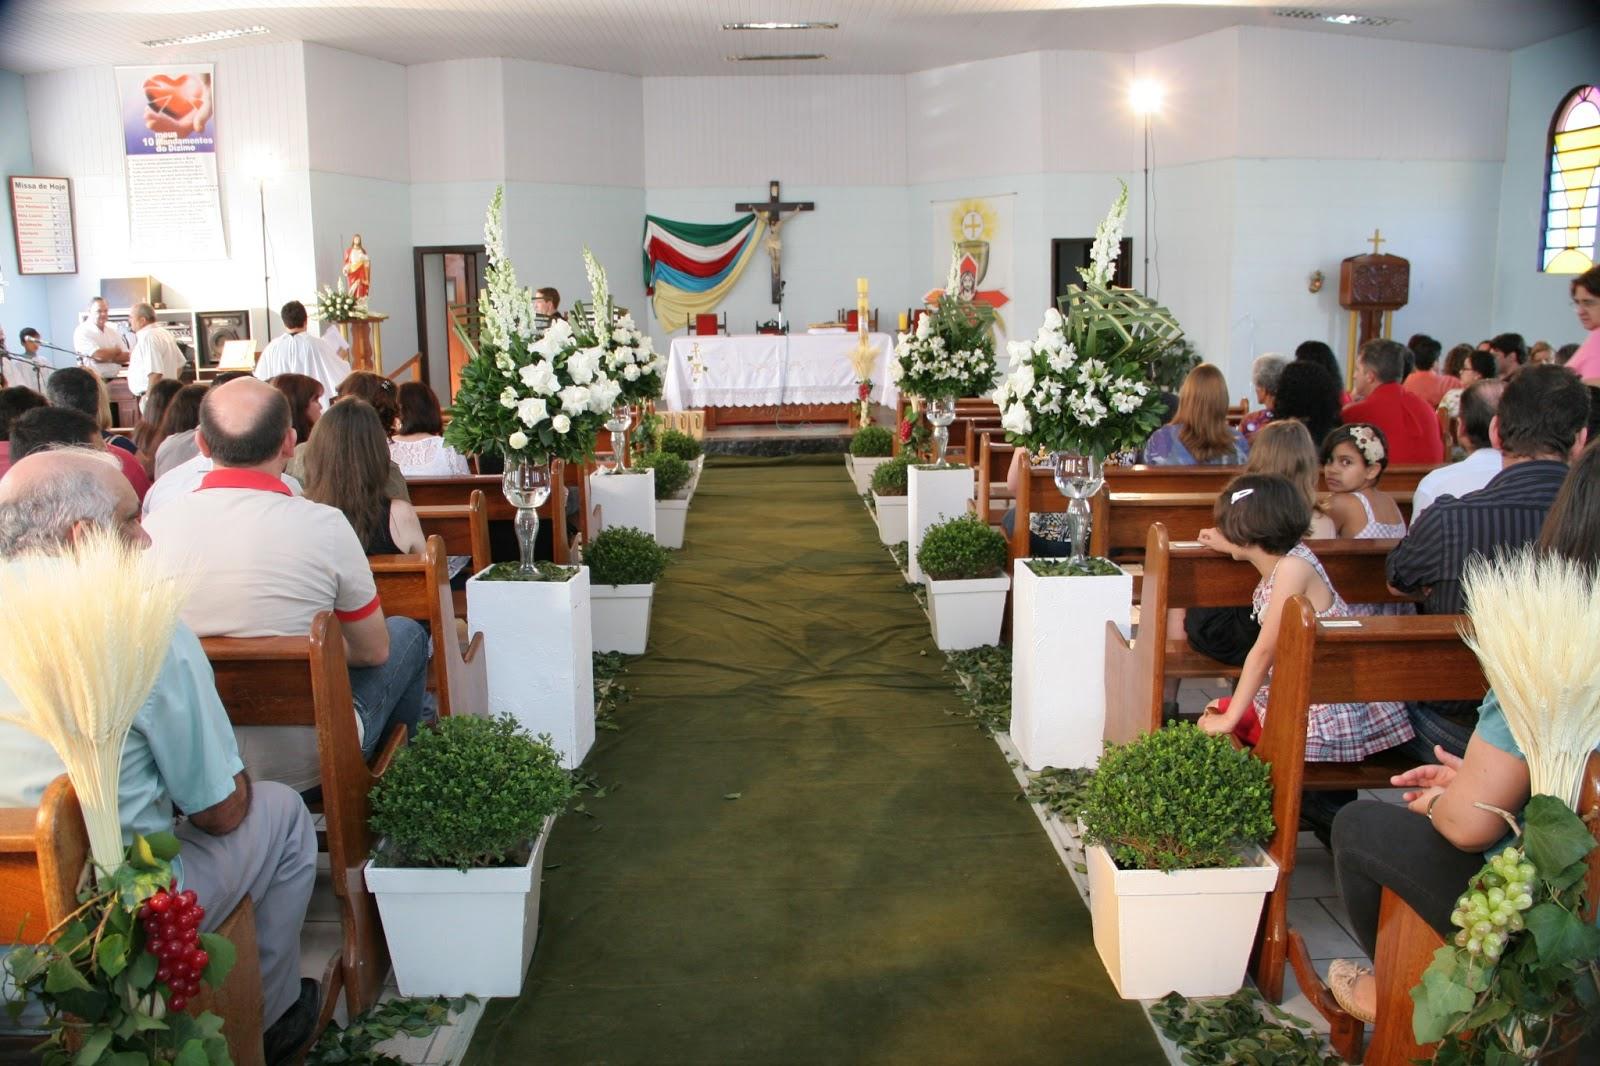 decoracao casamento igreja simples:Decoração de igrejas,fotos de decoração,decoradora de igrejas,isso